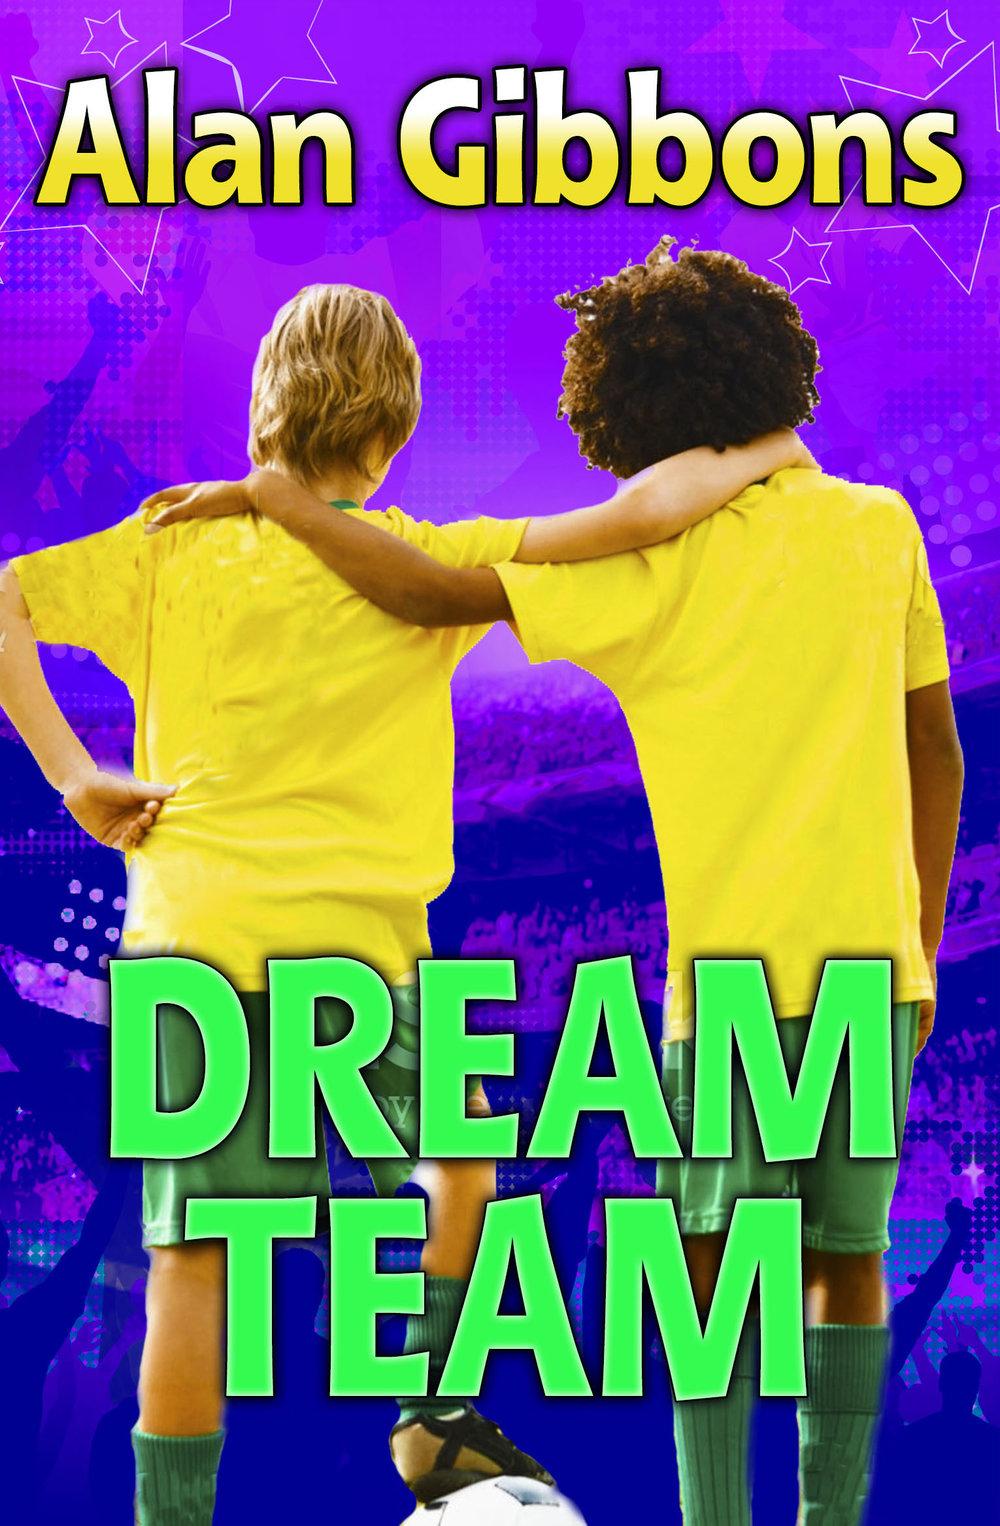 Dreamteam_a_w2-04.jpg